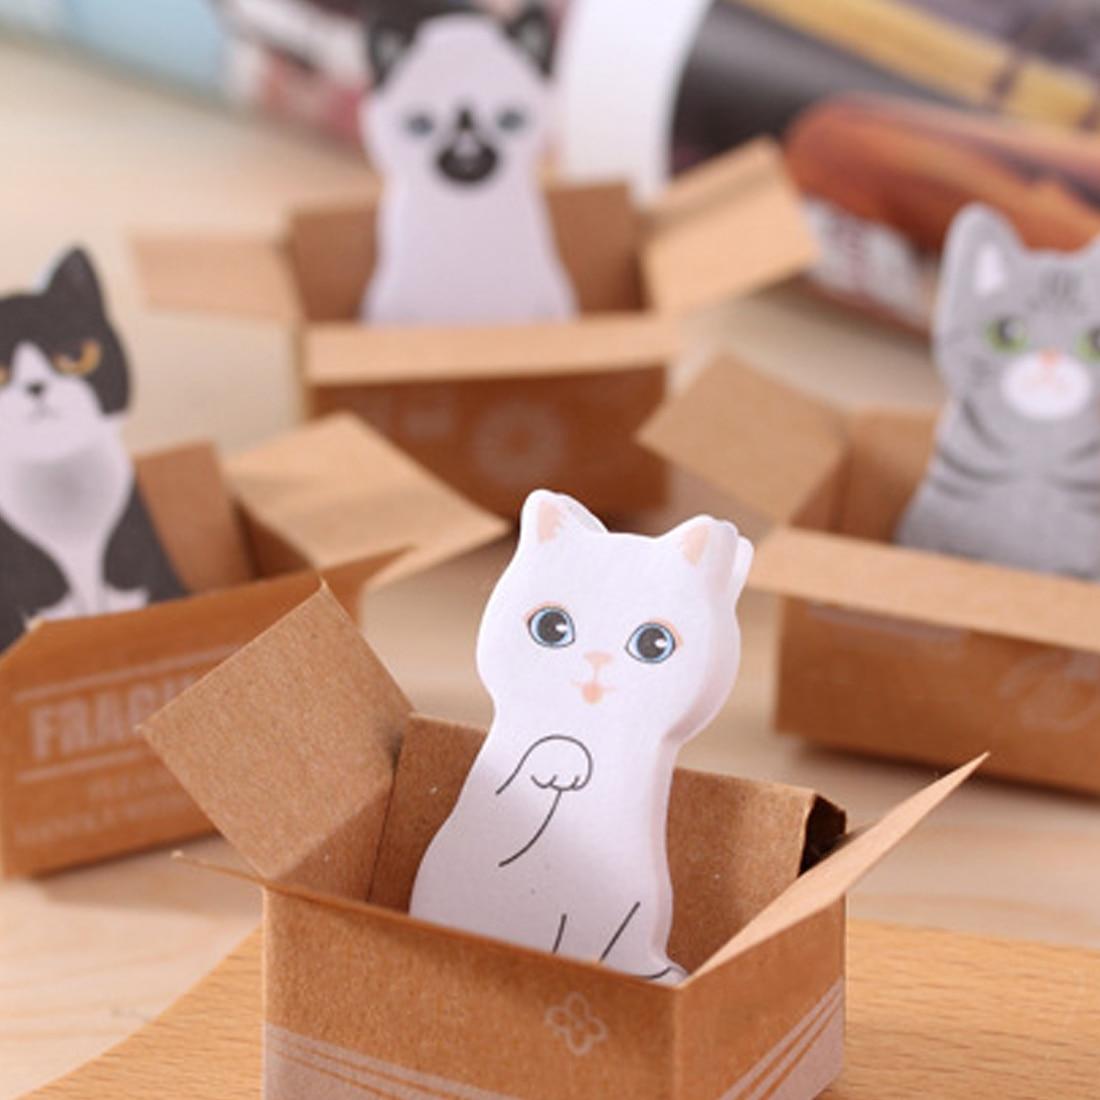 FangNymph милый кот собака коробка наклейки Скрапбукинг Kawaii 3D мультфильм канцелярские Липкие заметки школьные принадлежности Post It блокнот